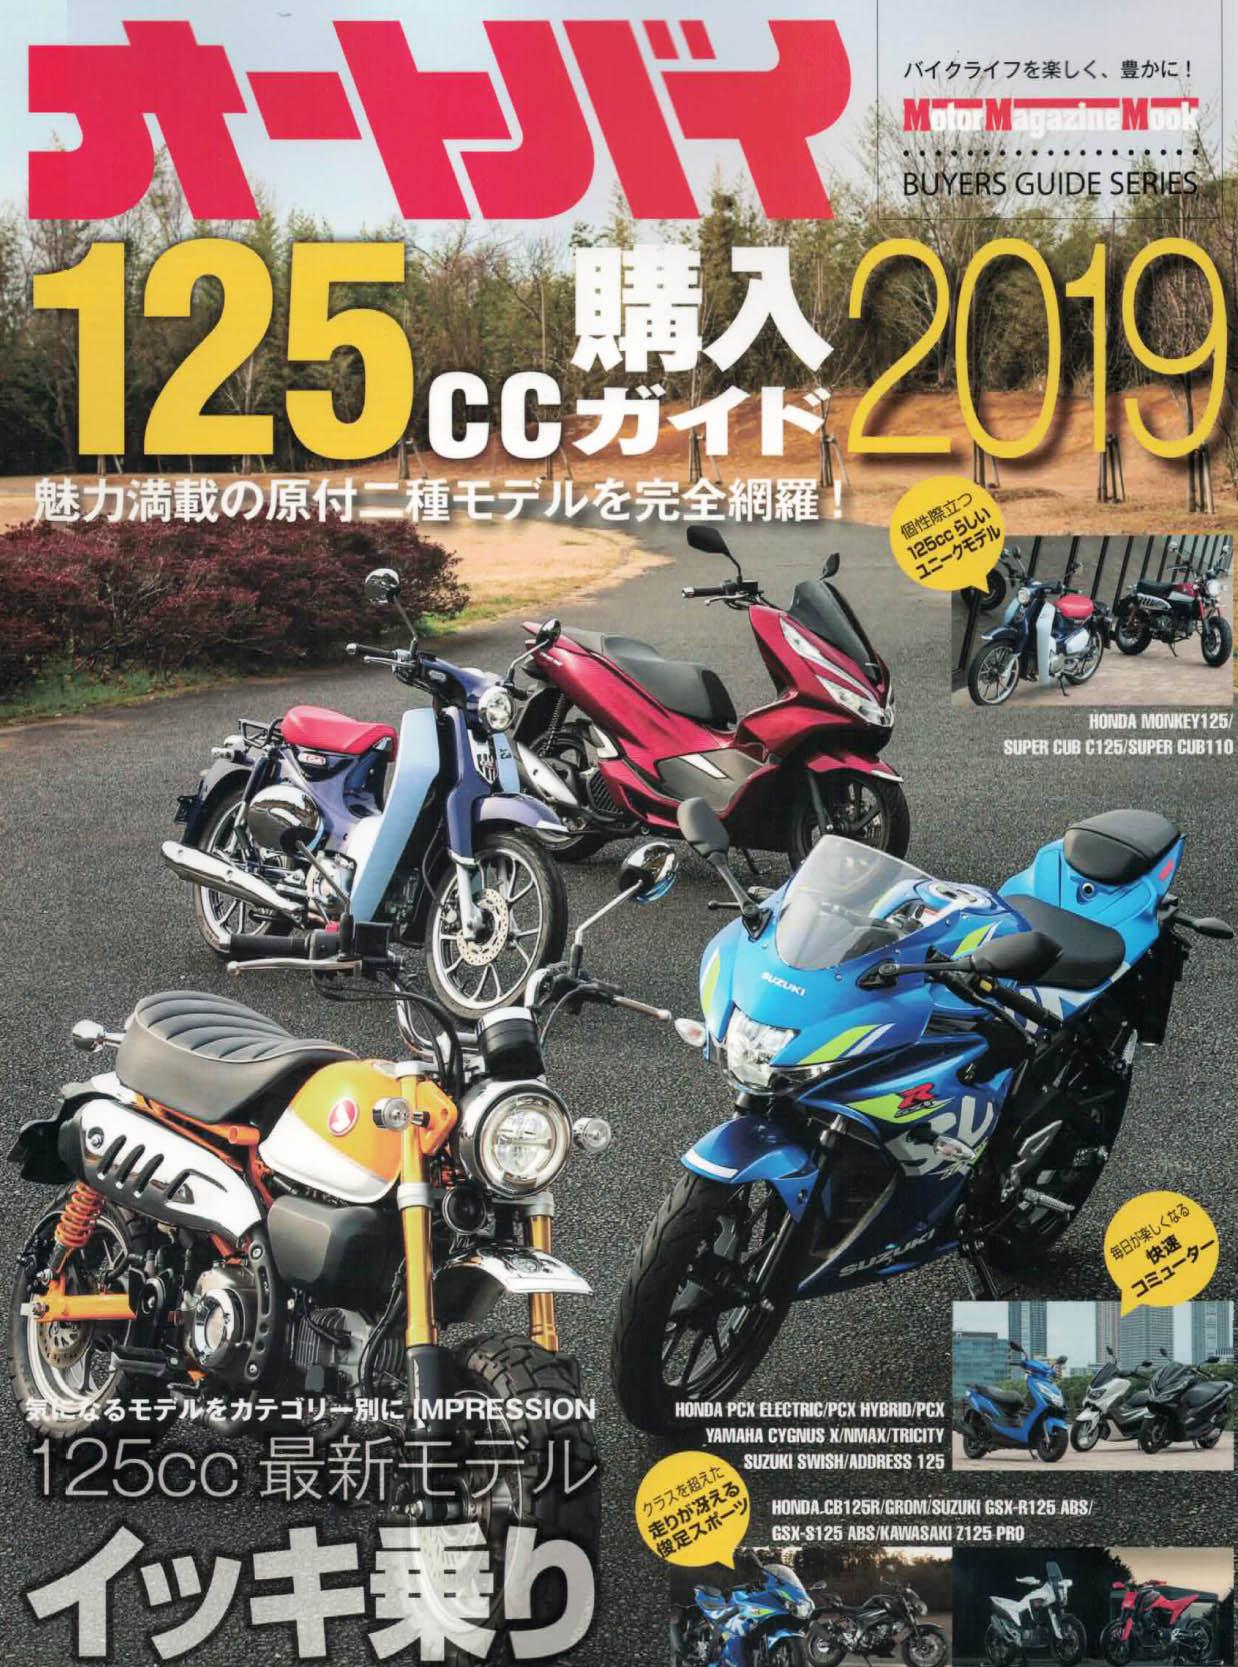 【オートバイ125cc購入ガイド2019掲載】Lambretta V125Special